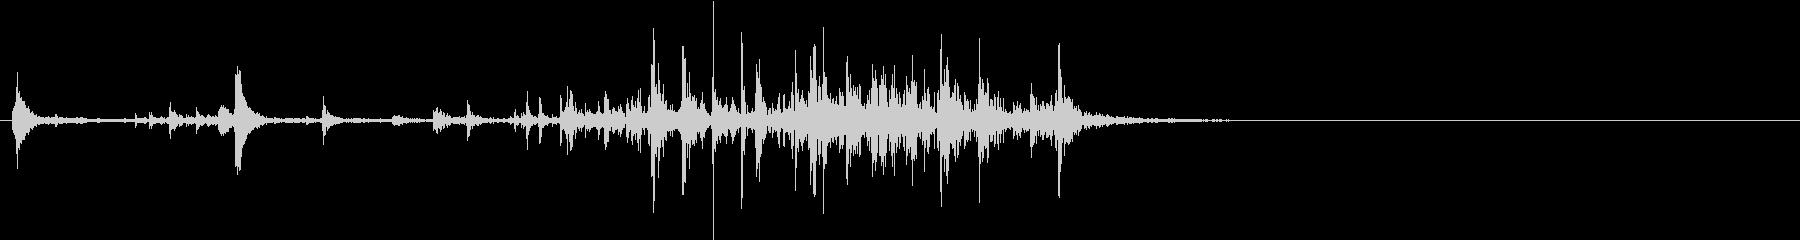 【生録音】食べ物を噛む音 1 ガブリの未再生の波形